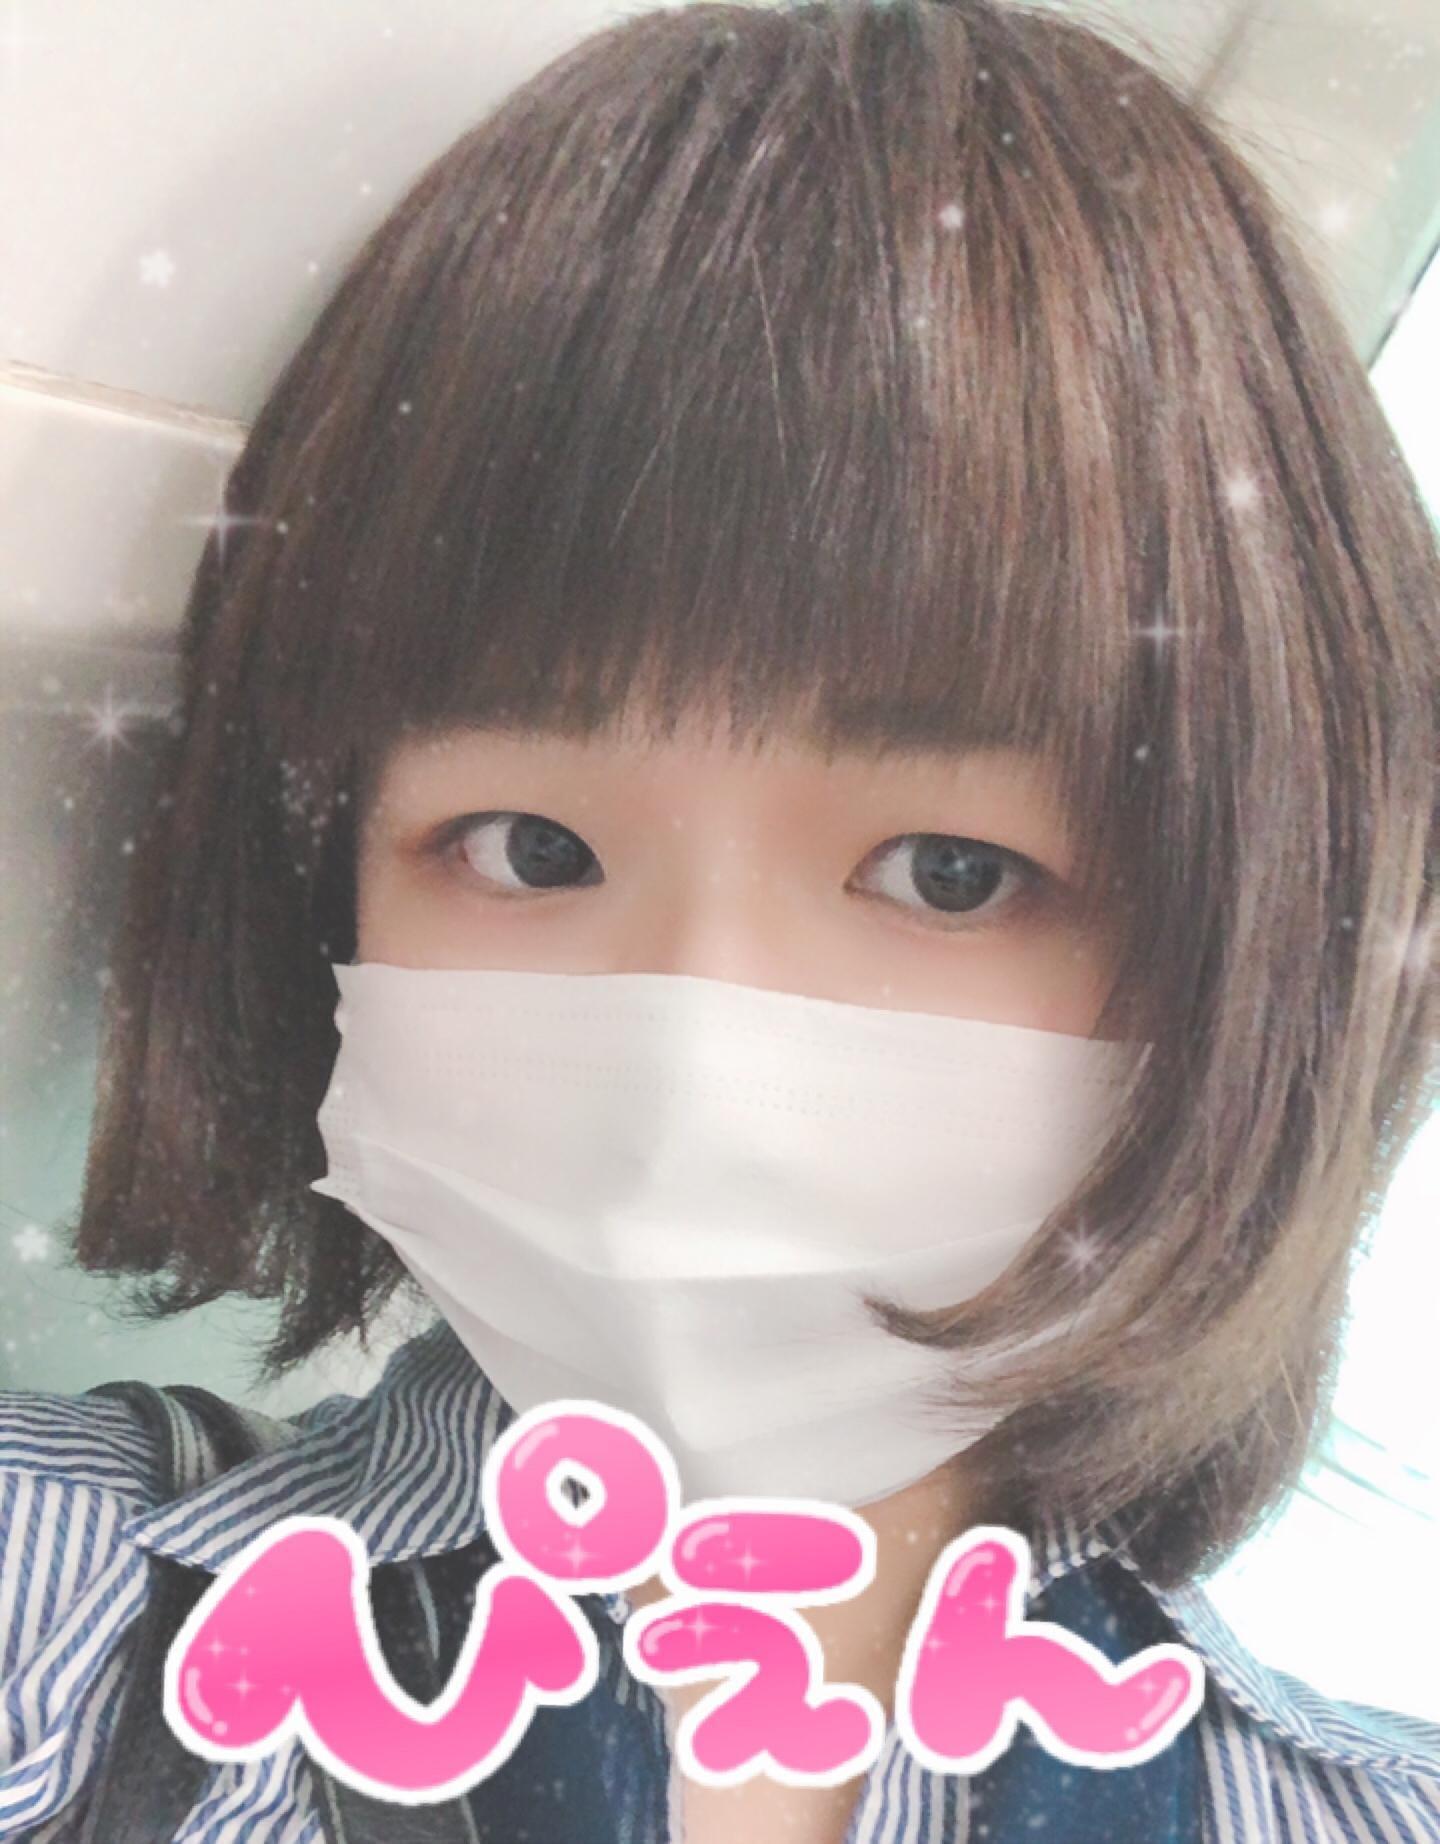 「髪切ったよーん」05/31日(日) 16:58 | ぱんだの写メ・風俗動画